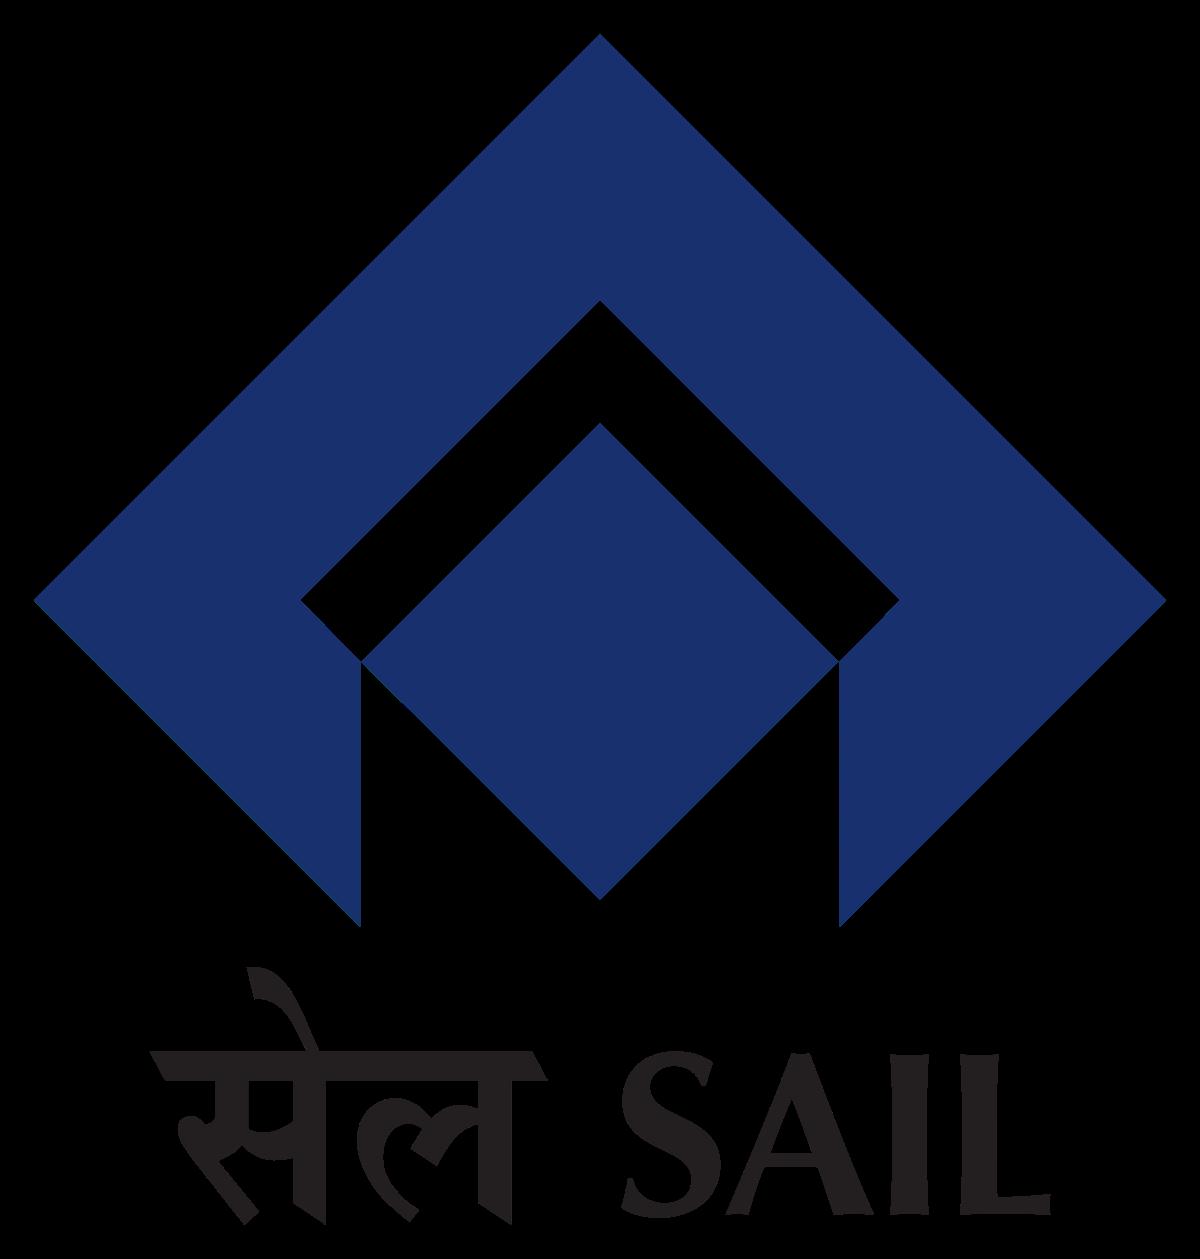 Steel Authority of India.